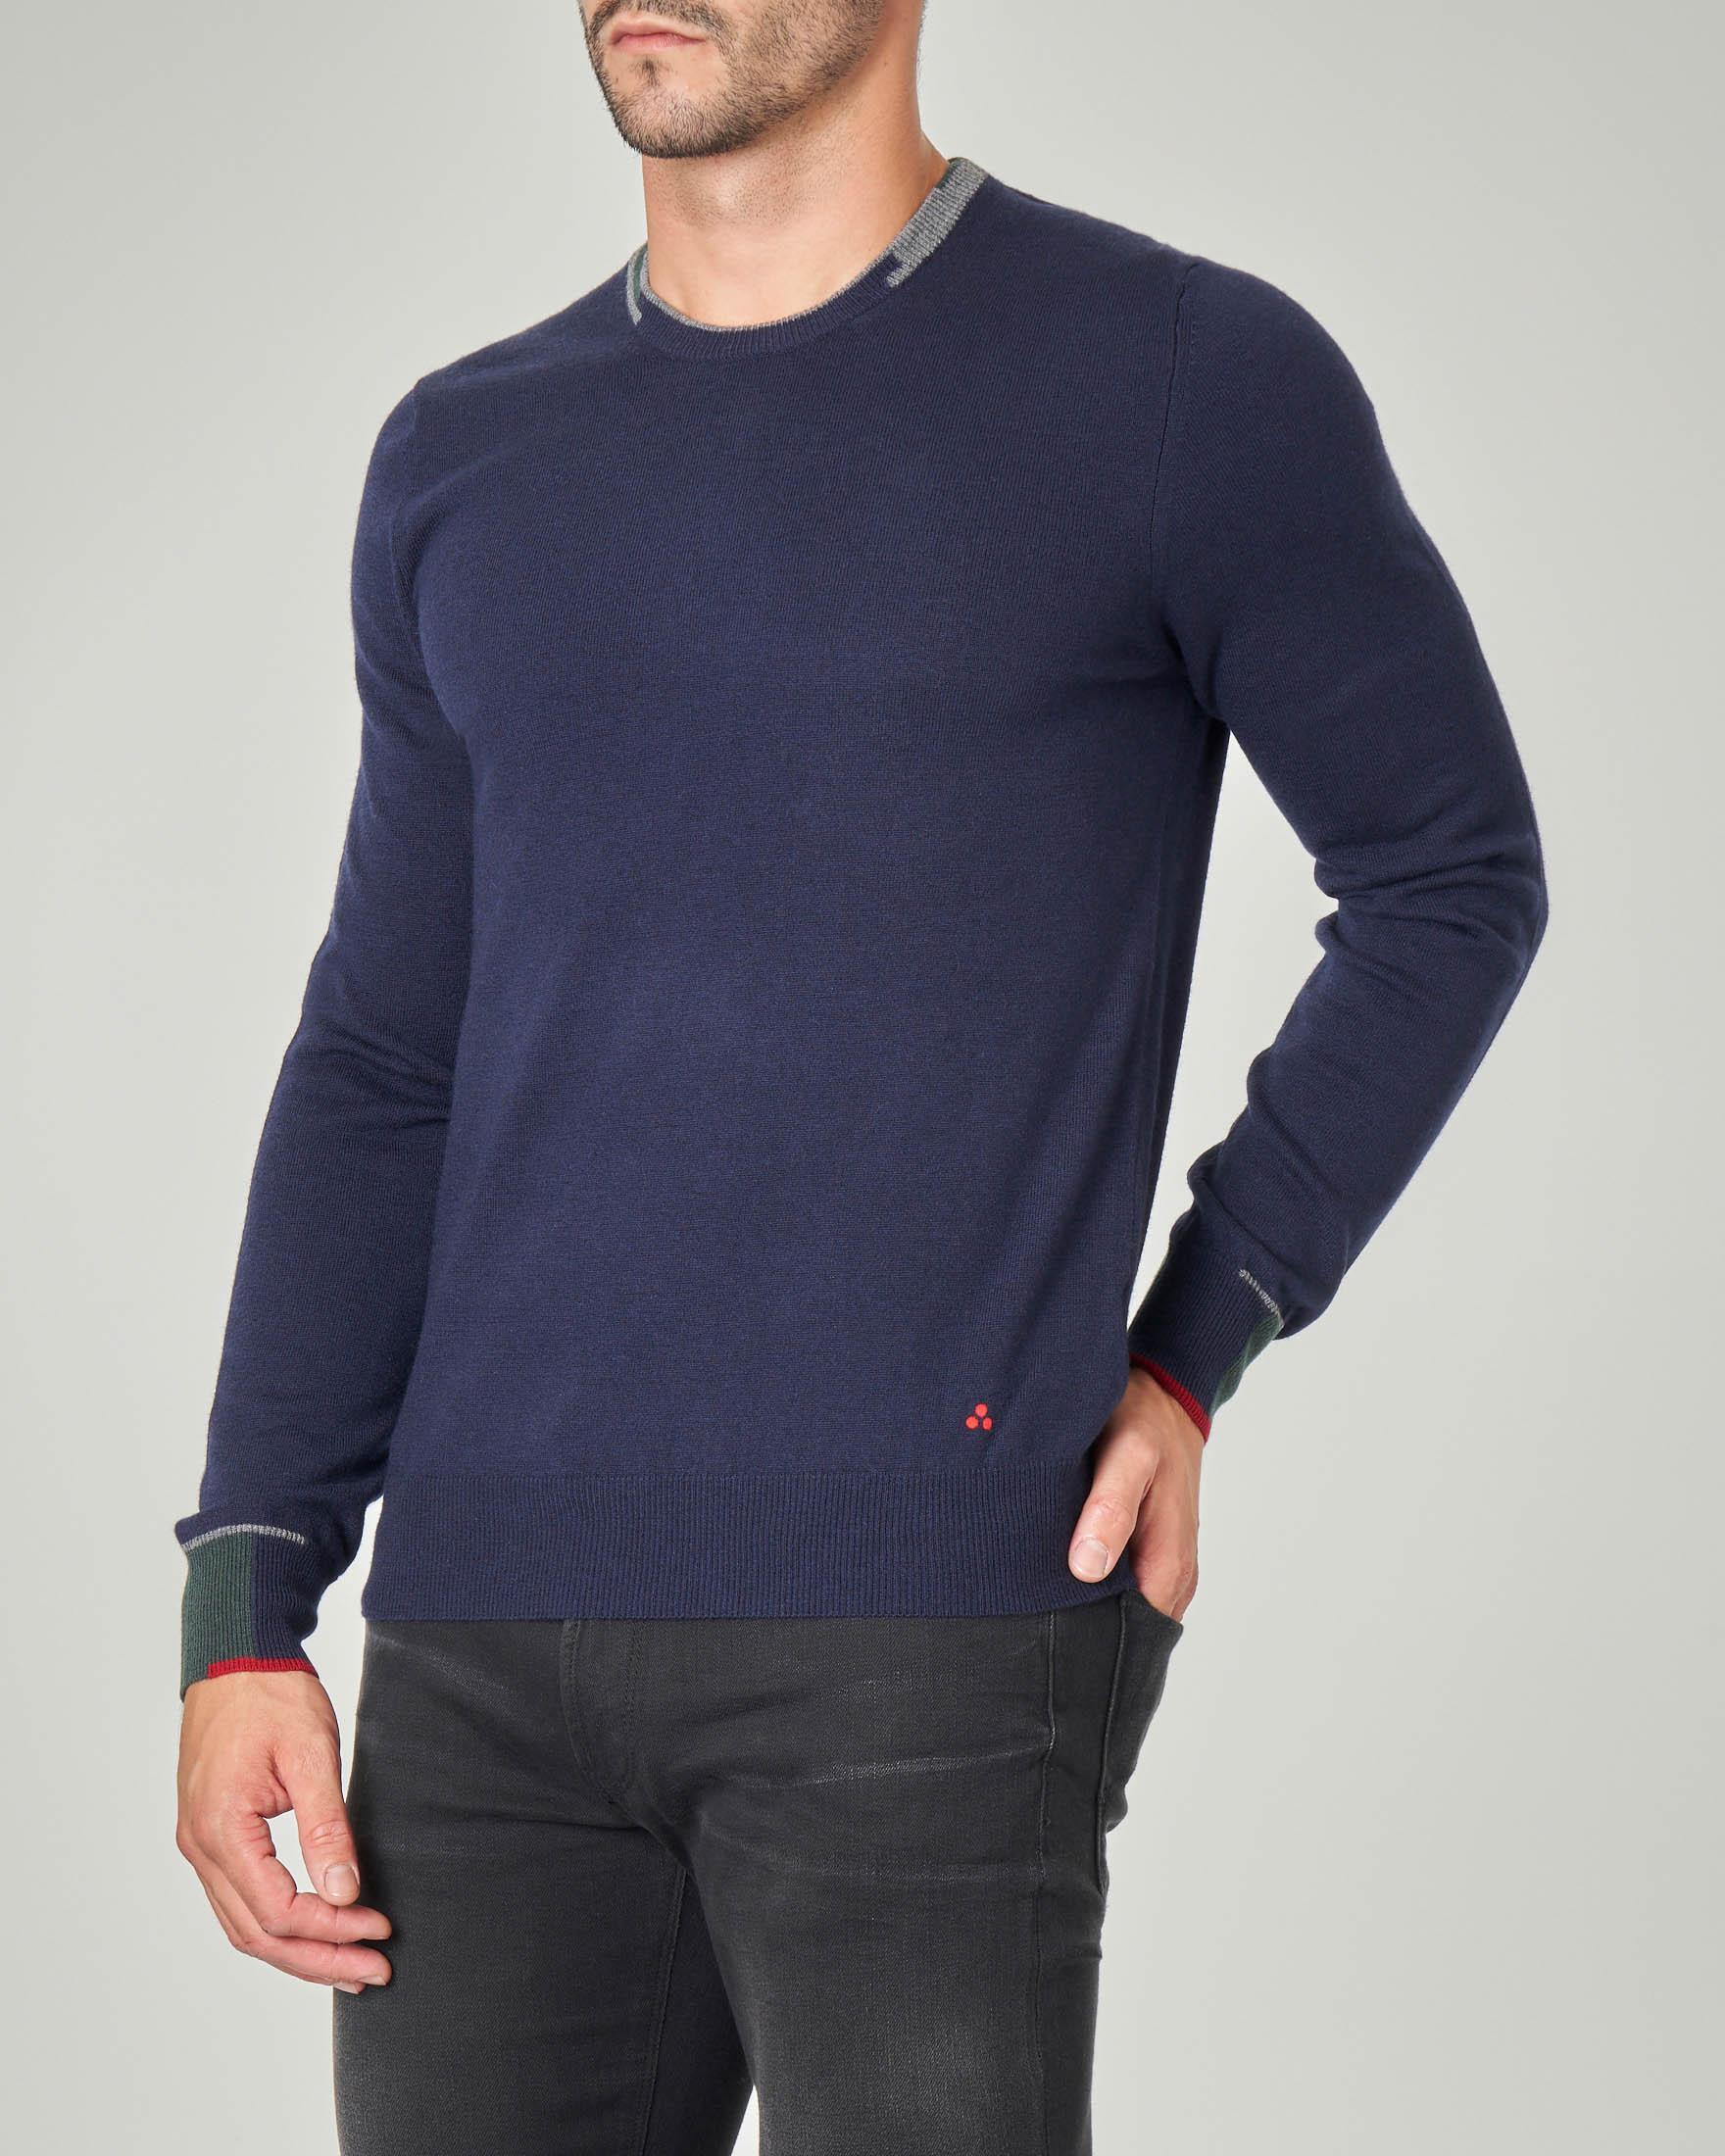 Maglia blu girocollo con dettagli in contrasto colore su collo e maniche